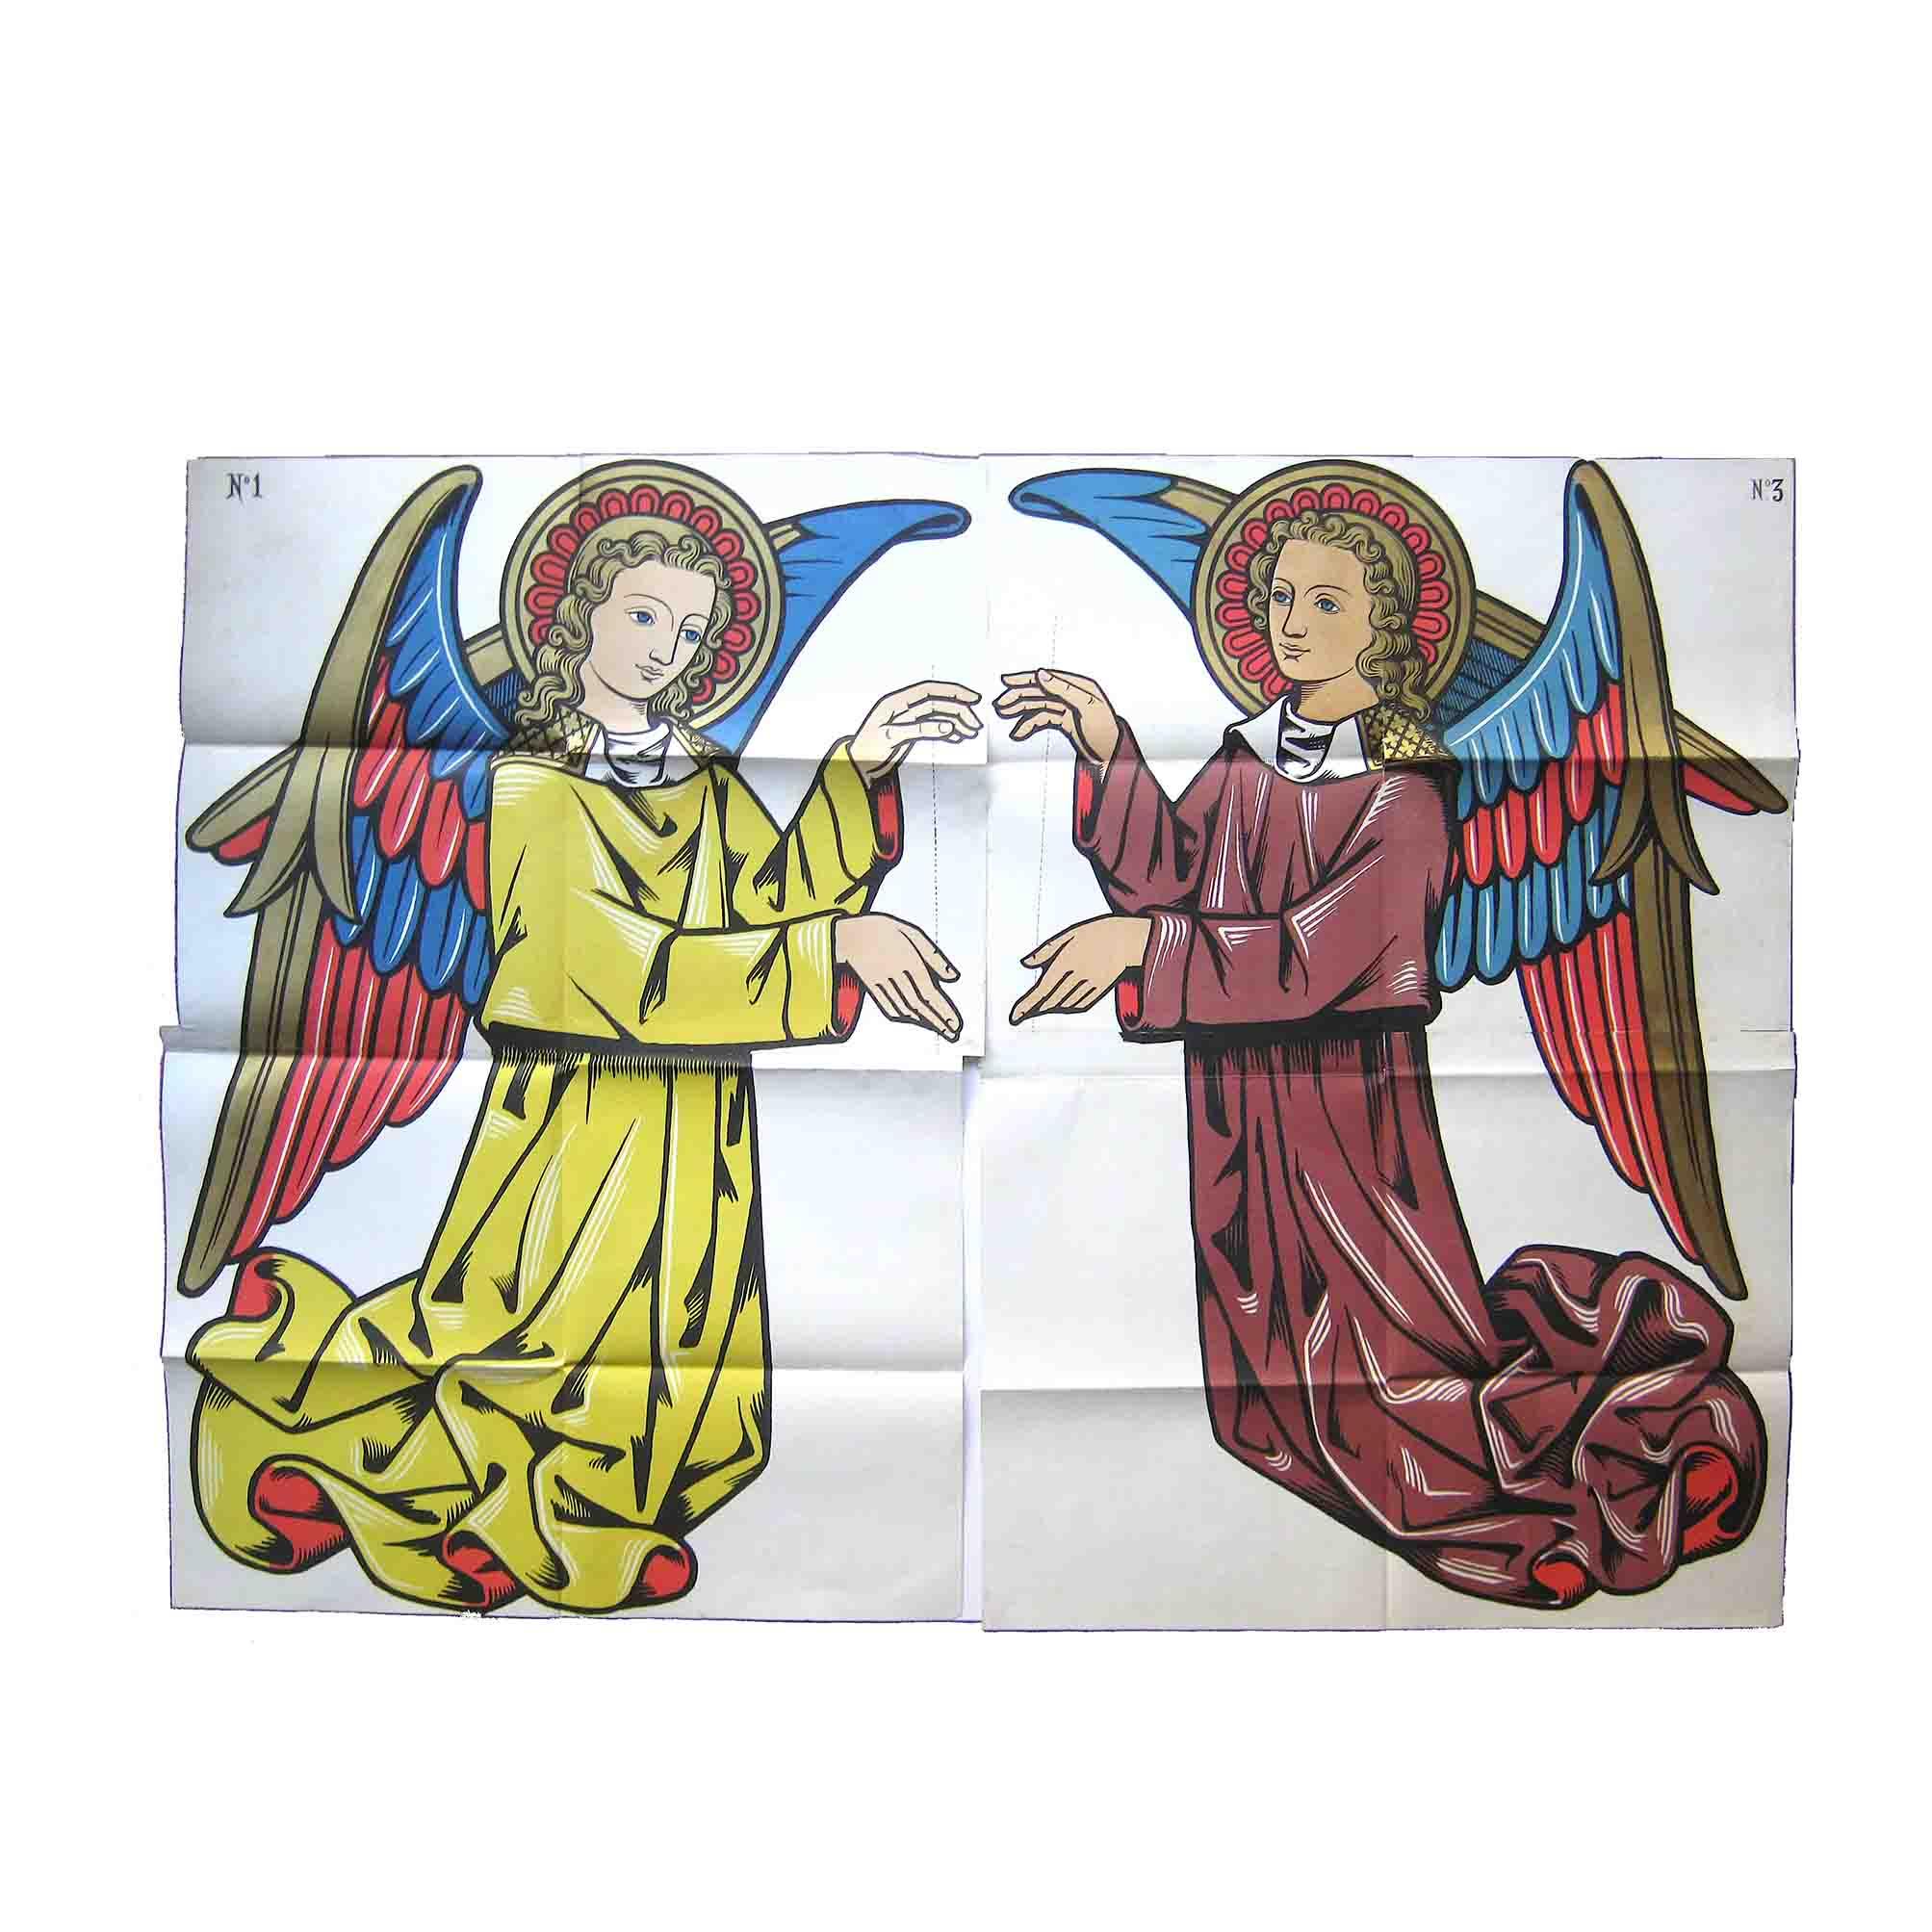 5565-Farcy-Decorations-Religieuses-1877-1879-Chromolitho-1-frei-A-N.jpg